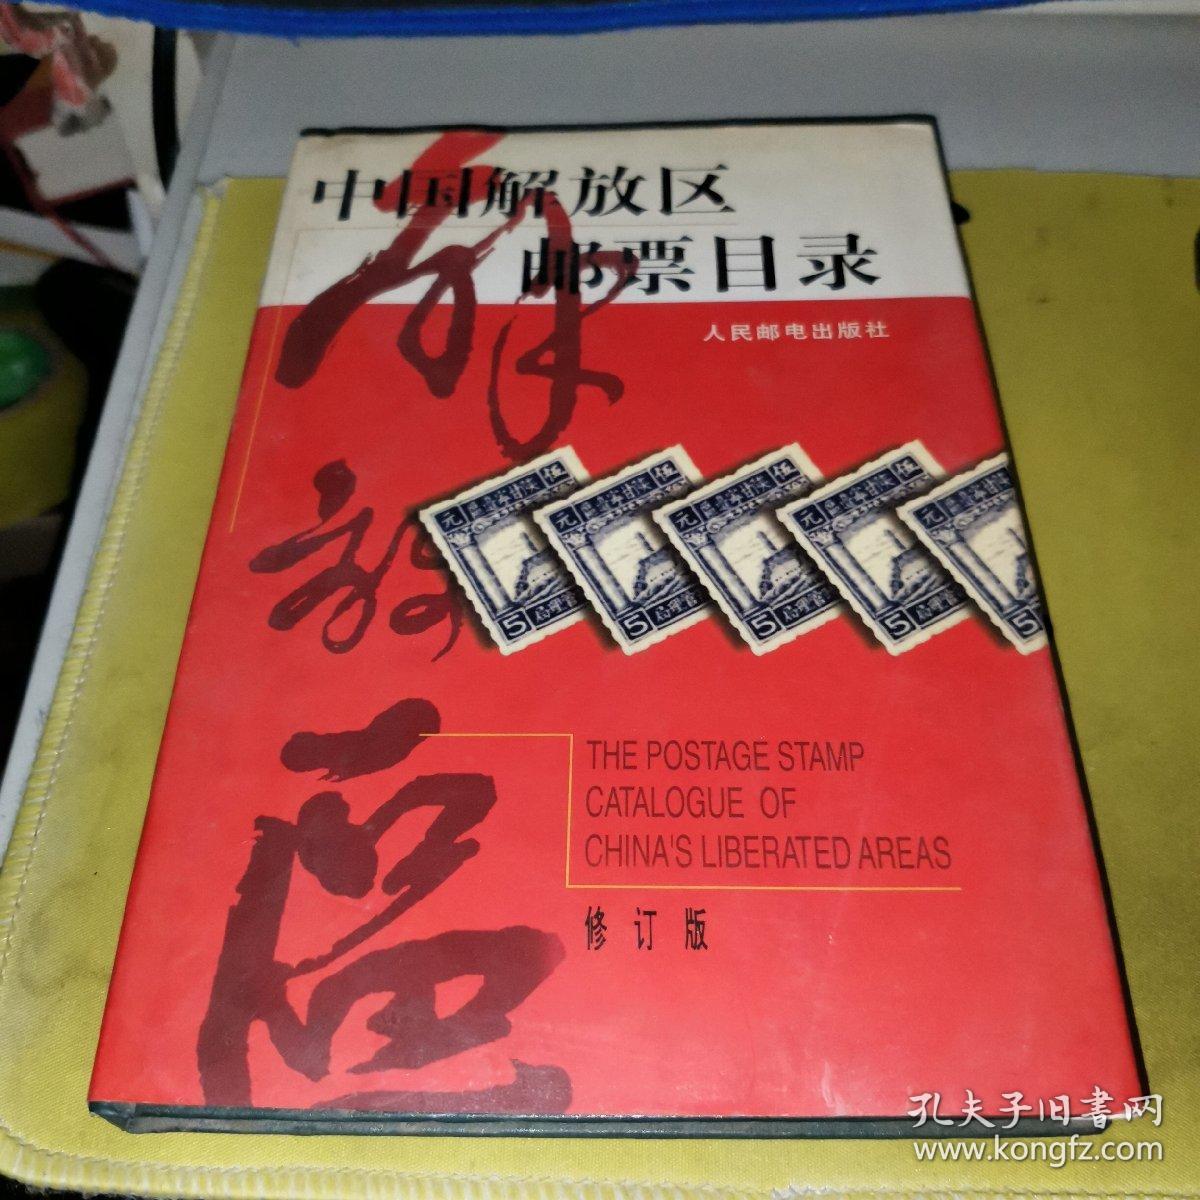 中国解放区邮票目录修订版